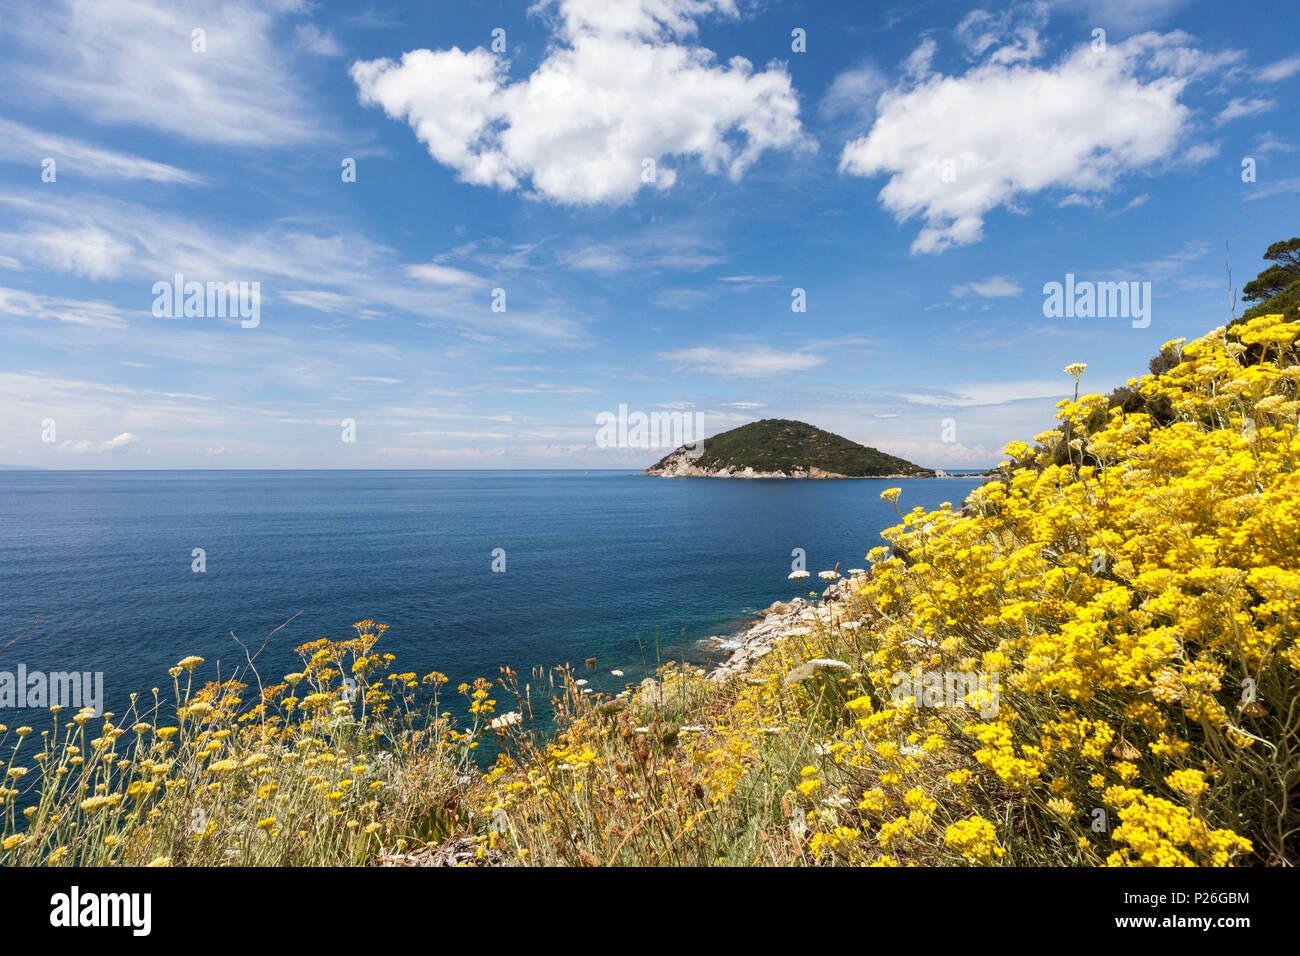 Fiori Gialli Isola Delba.Giallo Fiori Selvatici Golfo Di Procchio Marciana Isola D Elba